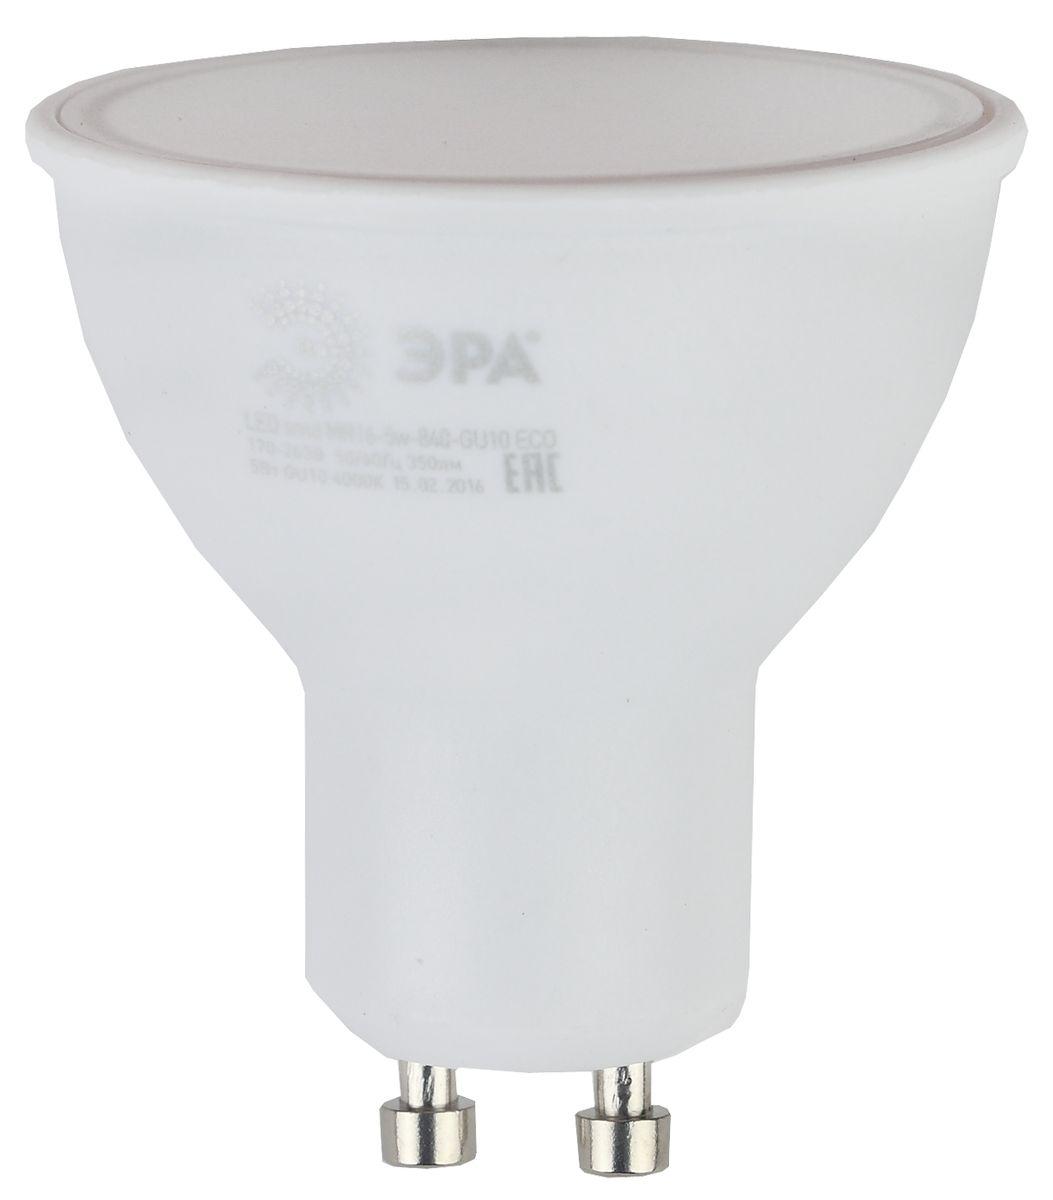 Лампа светодиодная ЭРА, цоколь GU10, 170-265V, 5W, 2700К. Б0019062C0044702Светодиодная лампа ЭРА является самым перспективным источником света. Основным преимуществом данного источника света является длительный срок службы и очень низкое энергопотребление, так, например, по сравнению с обычной лампой накаливания светодиодная лампа служит в среднем в 50 раз дольше и потребляет в 10-15 раз меньше электроэнергии. При этом светодиодная лампа практически не подвержена механическому воздействию из-за прочной конструкции и позволяет получить любой цвет светового потока, что, несомненно, расширяет возможности применения и позволяет создавать новые решения в области освещения.Особенности серии Eco:Предназначена для обычного потребителяЦена ниже, чем цена компактной люминесцентной лампыСветовая отдача источников света - 70-80 лм/ВтСрок службы составляет 25000 часовГарантия - 1 год. Работа в цепи с выключателем с подсветкой не рекомендована.